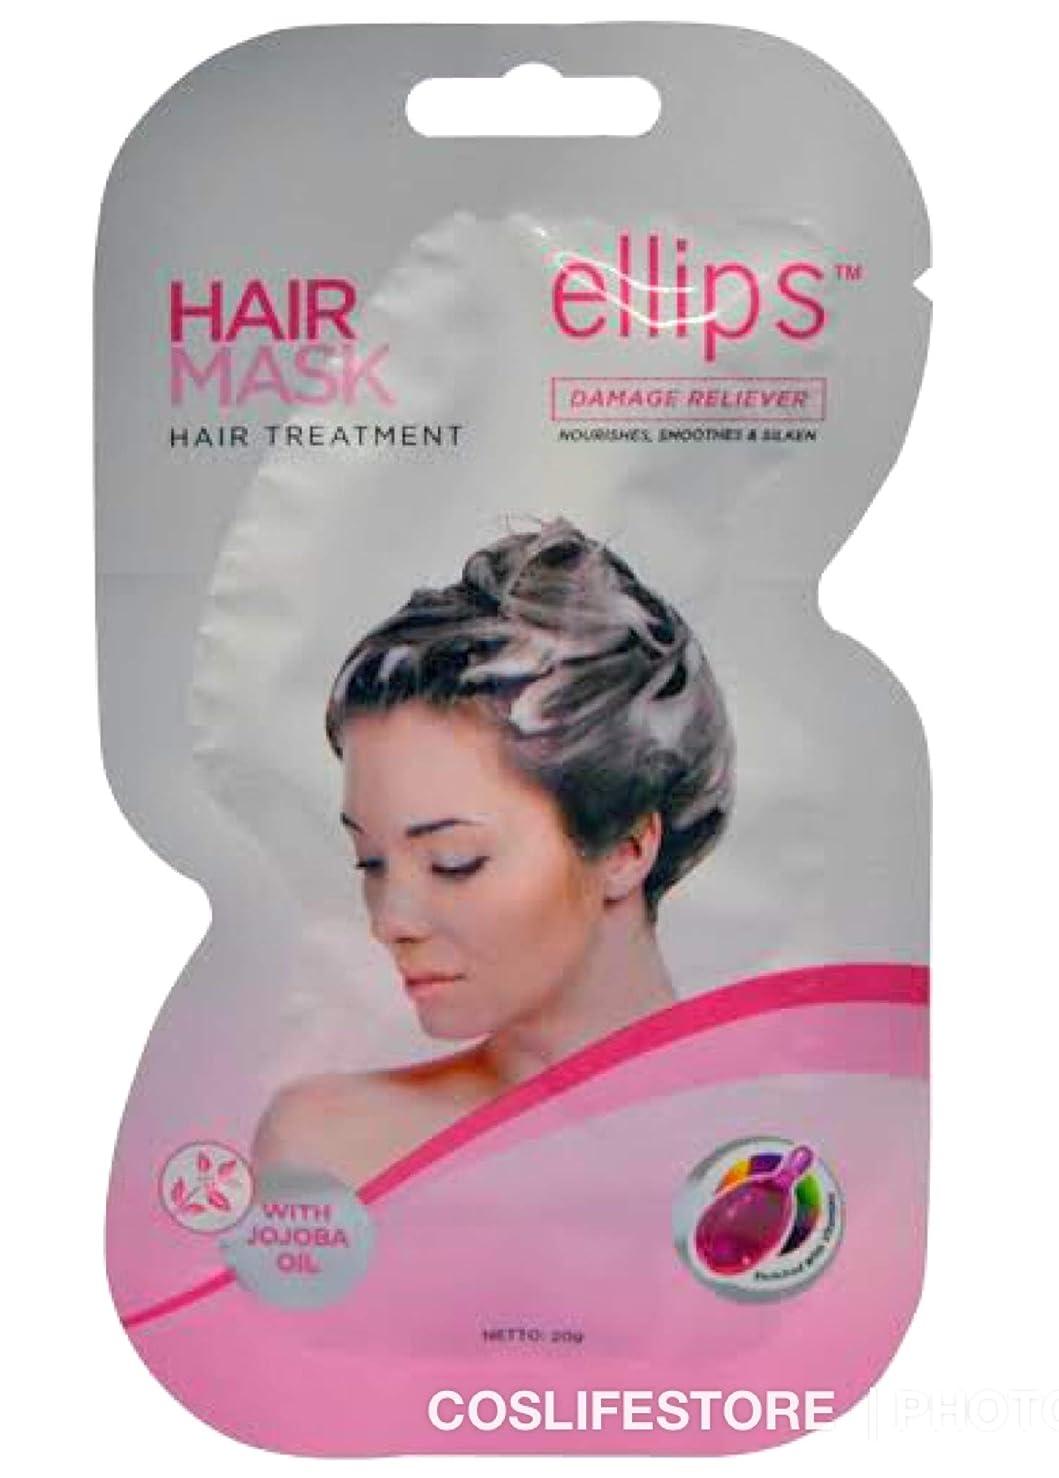 形成一緒に豊かにするEllips 髪のマスク - ヘアトリートメント、20グラム(10パック)